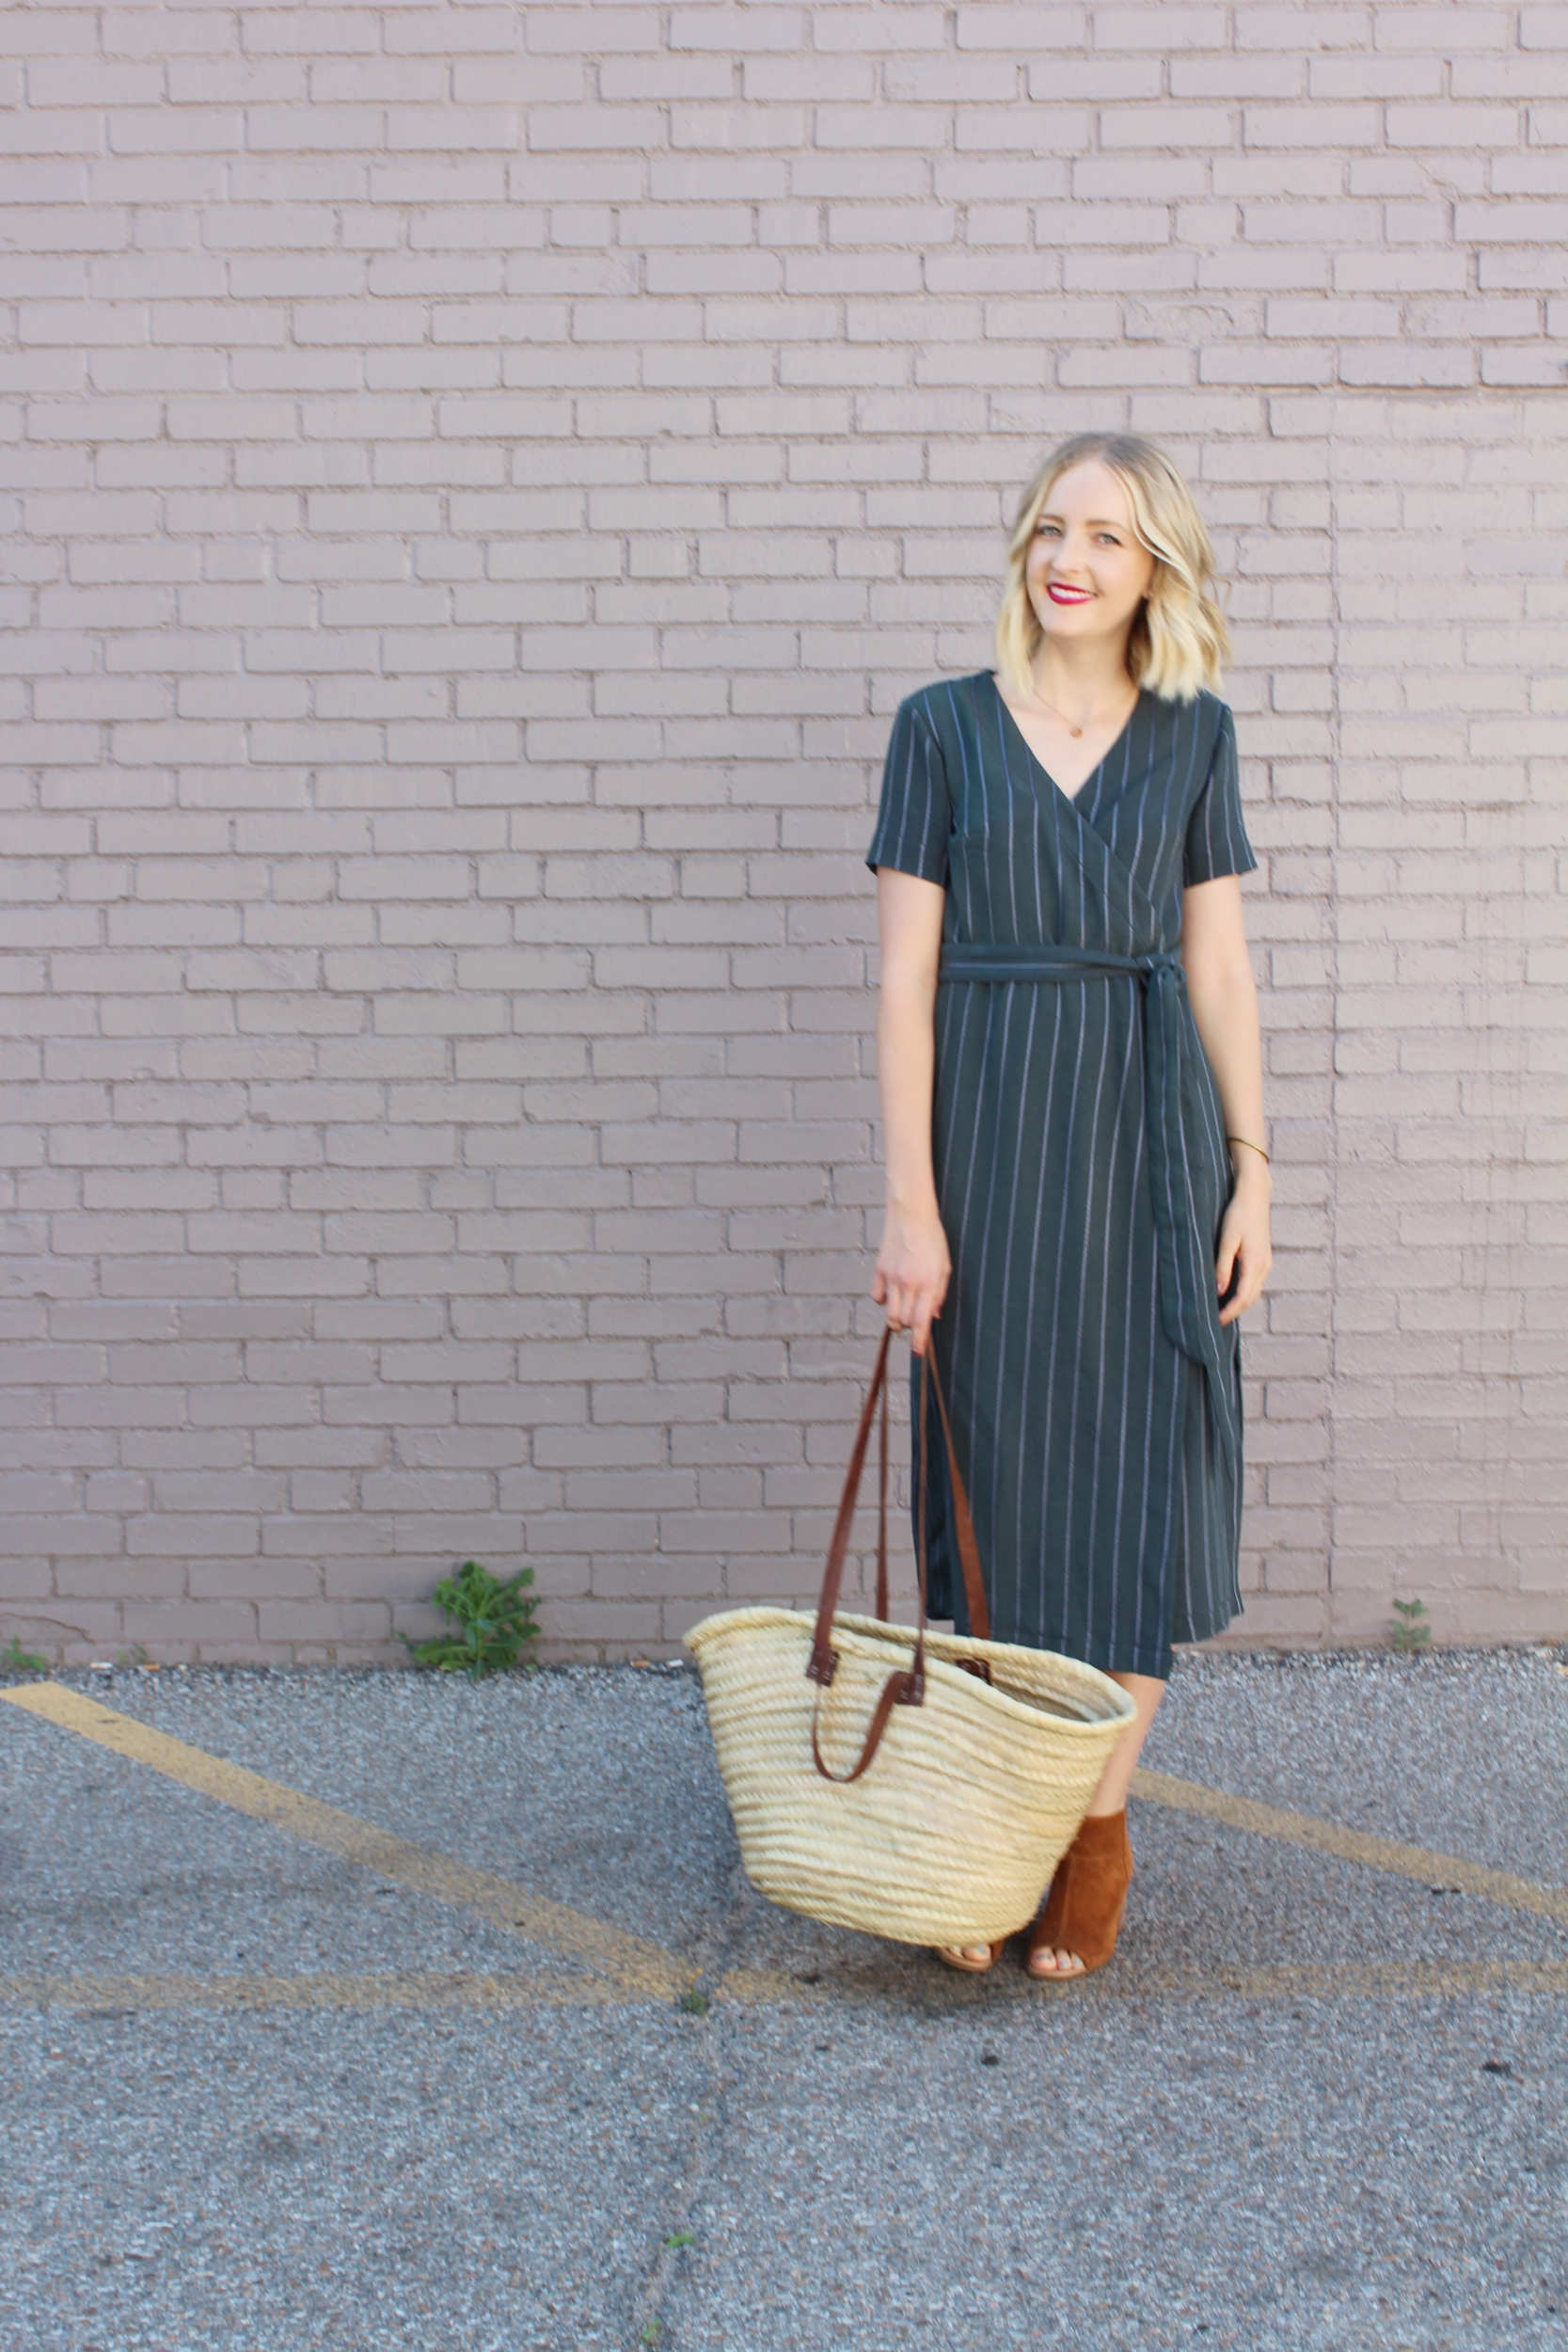 highlands_wrap_dress_well_fibre_2